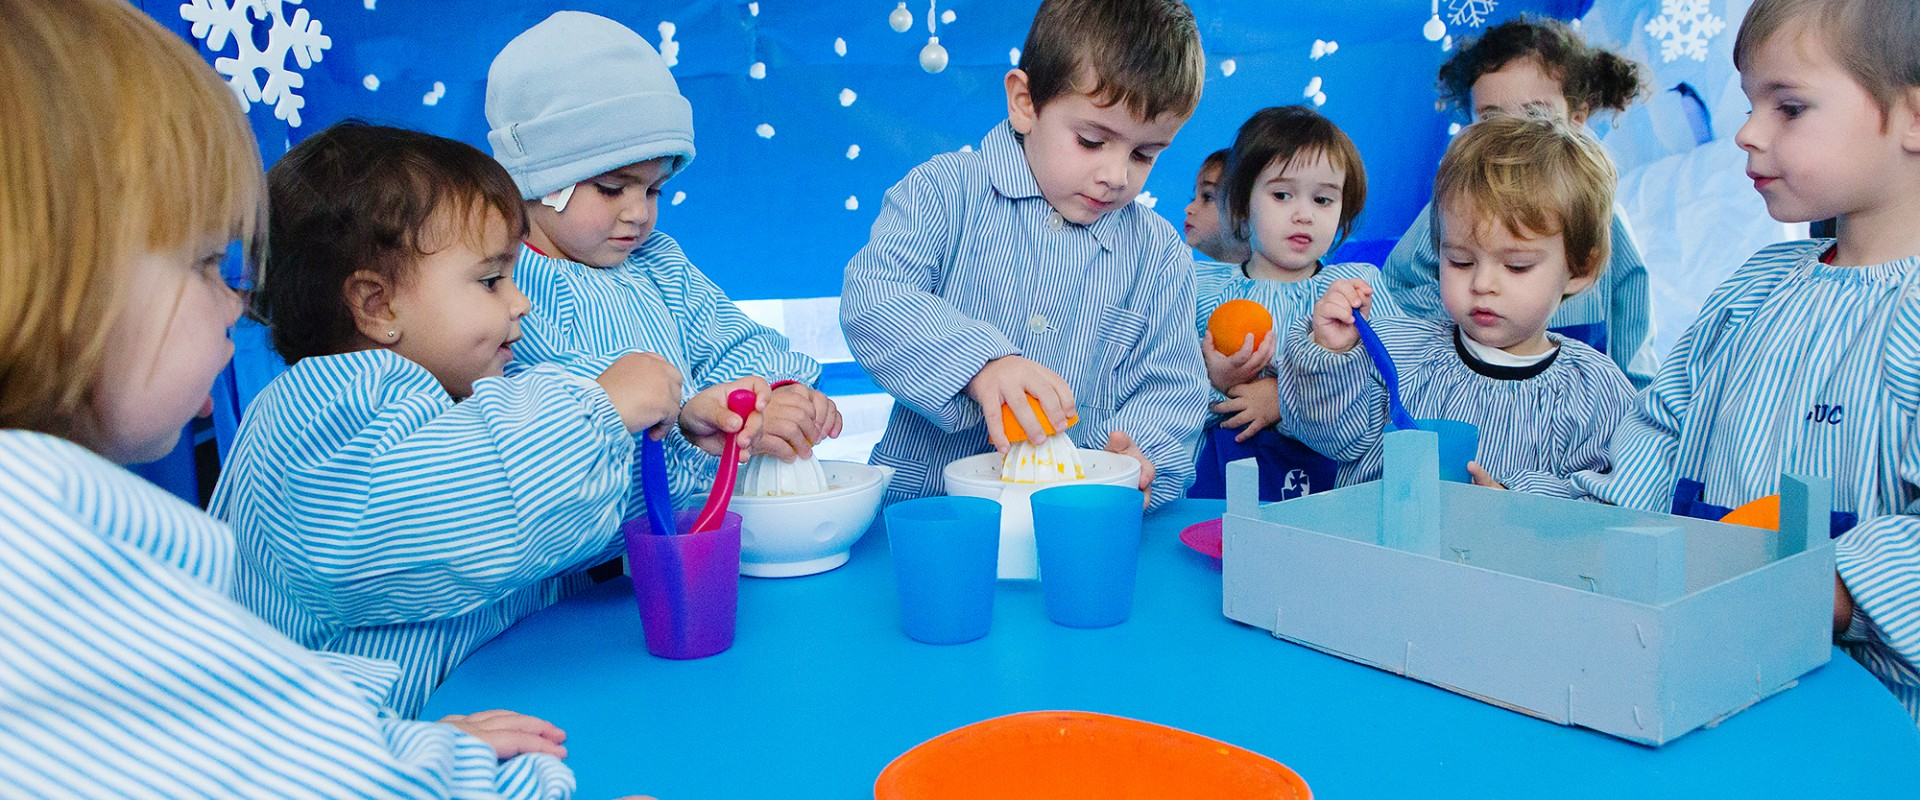 Educació Infantil - 1r cicle